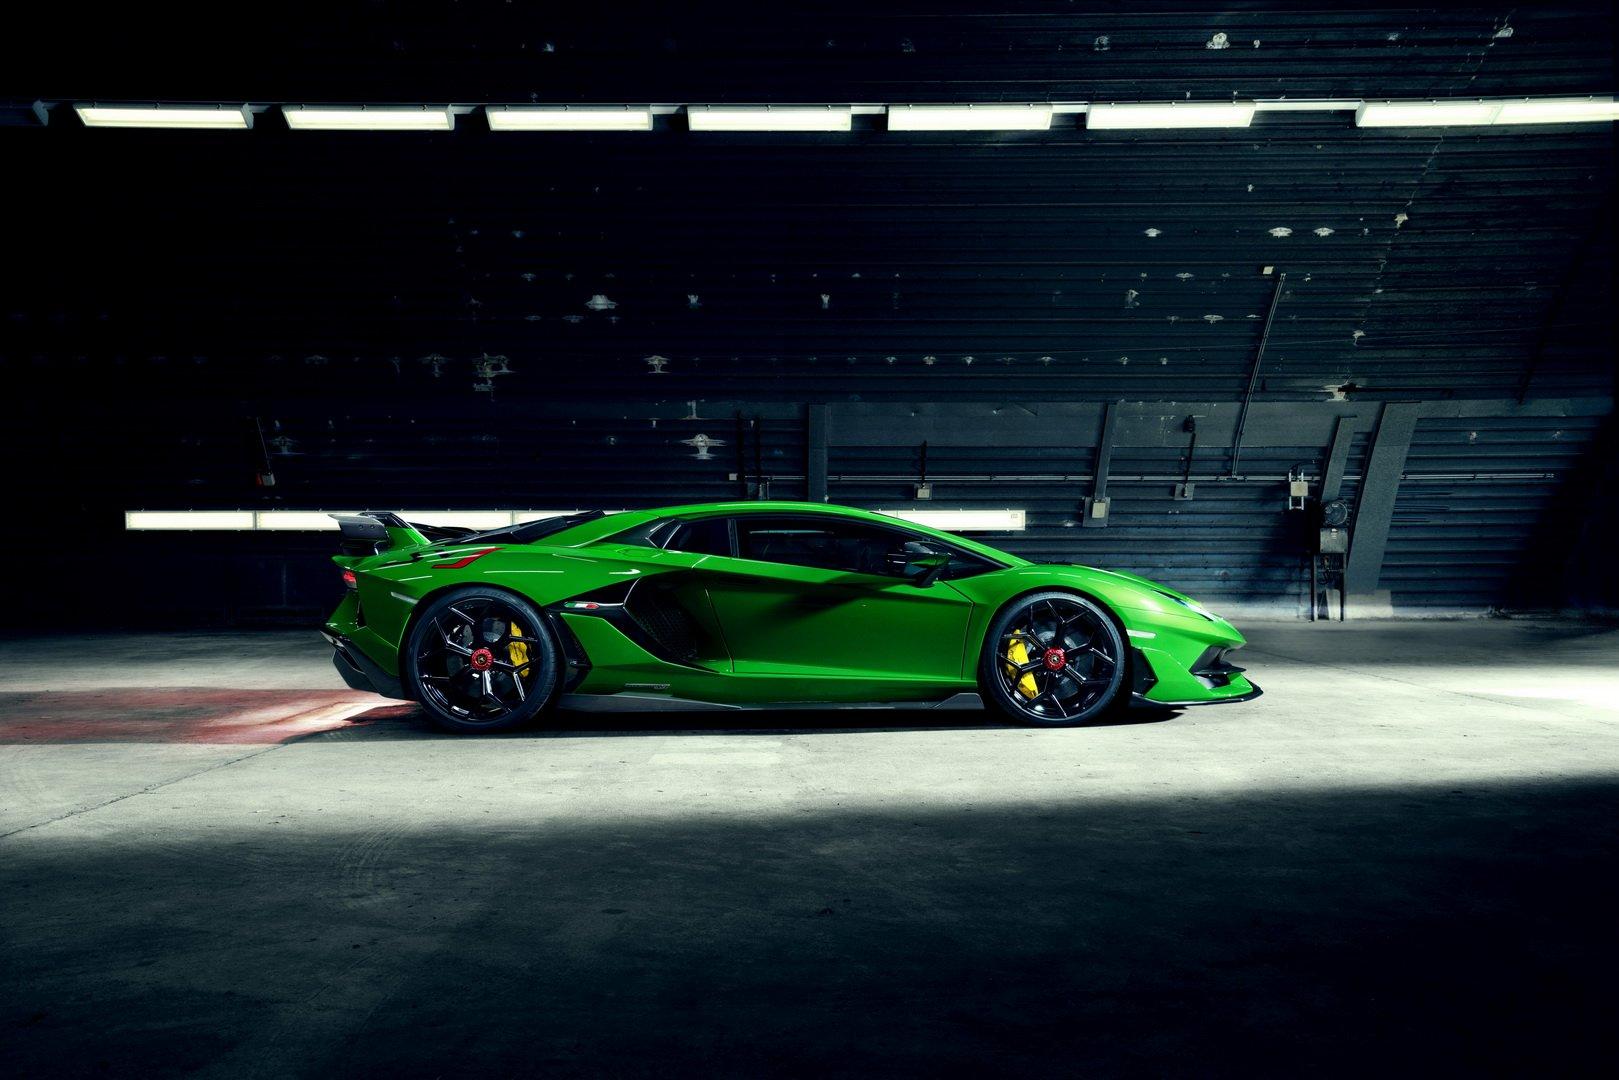 Lamborghini-Aventador-SVJ-by-Novitec-6